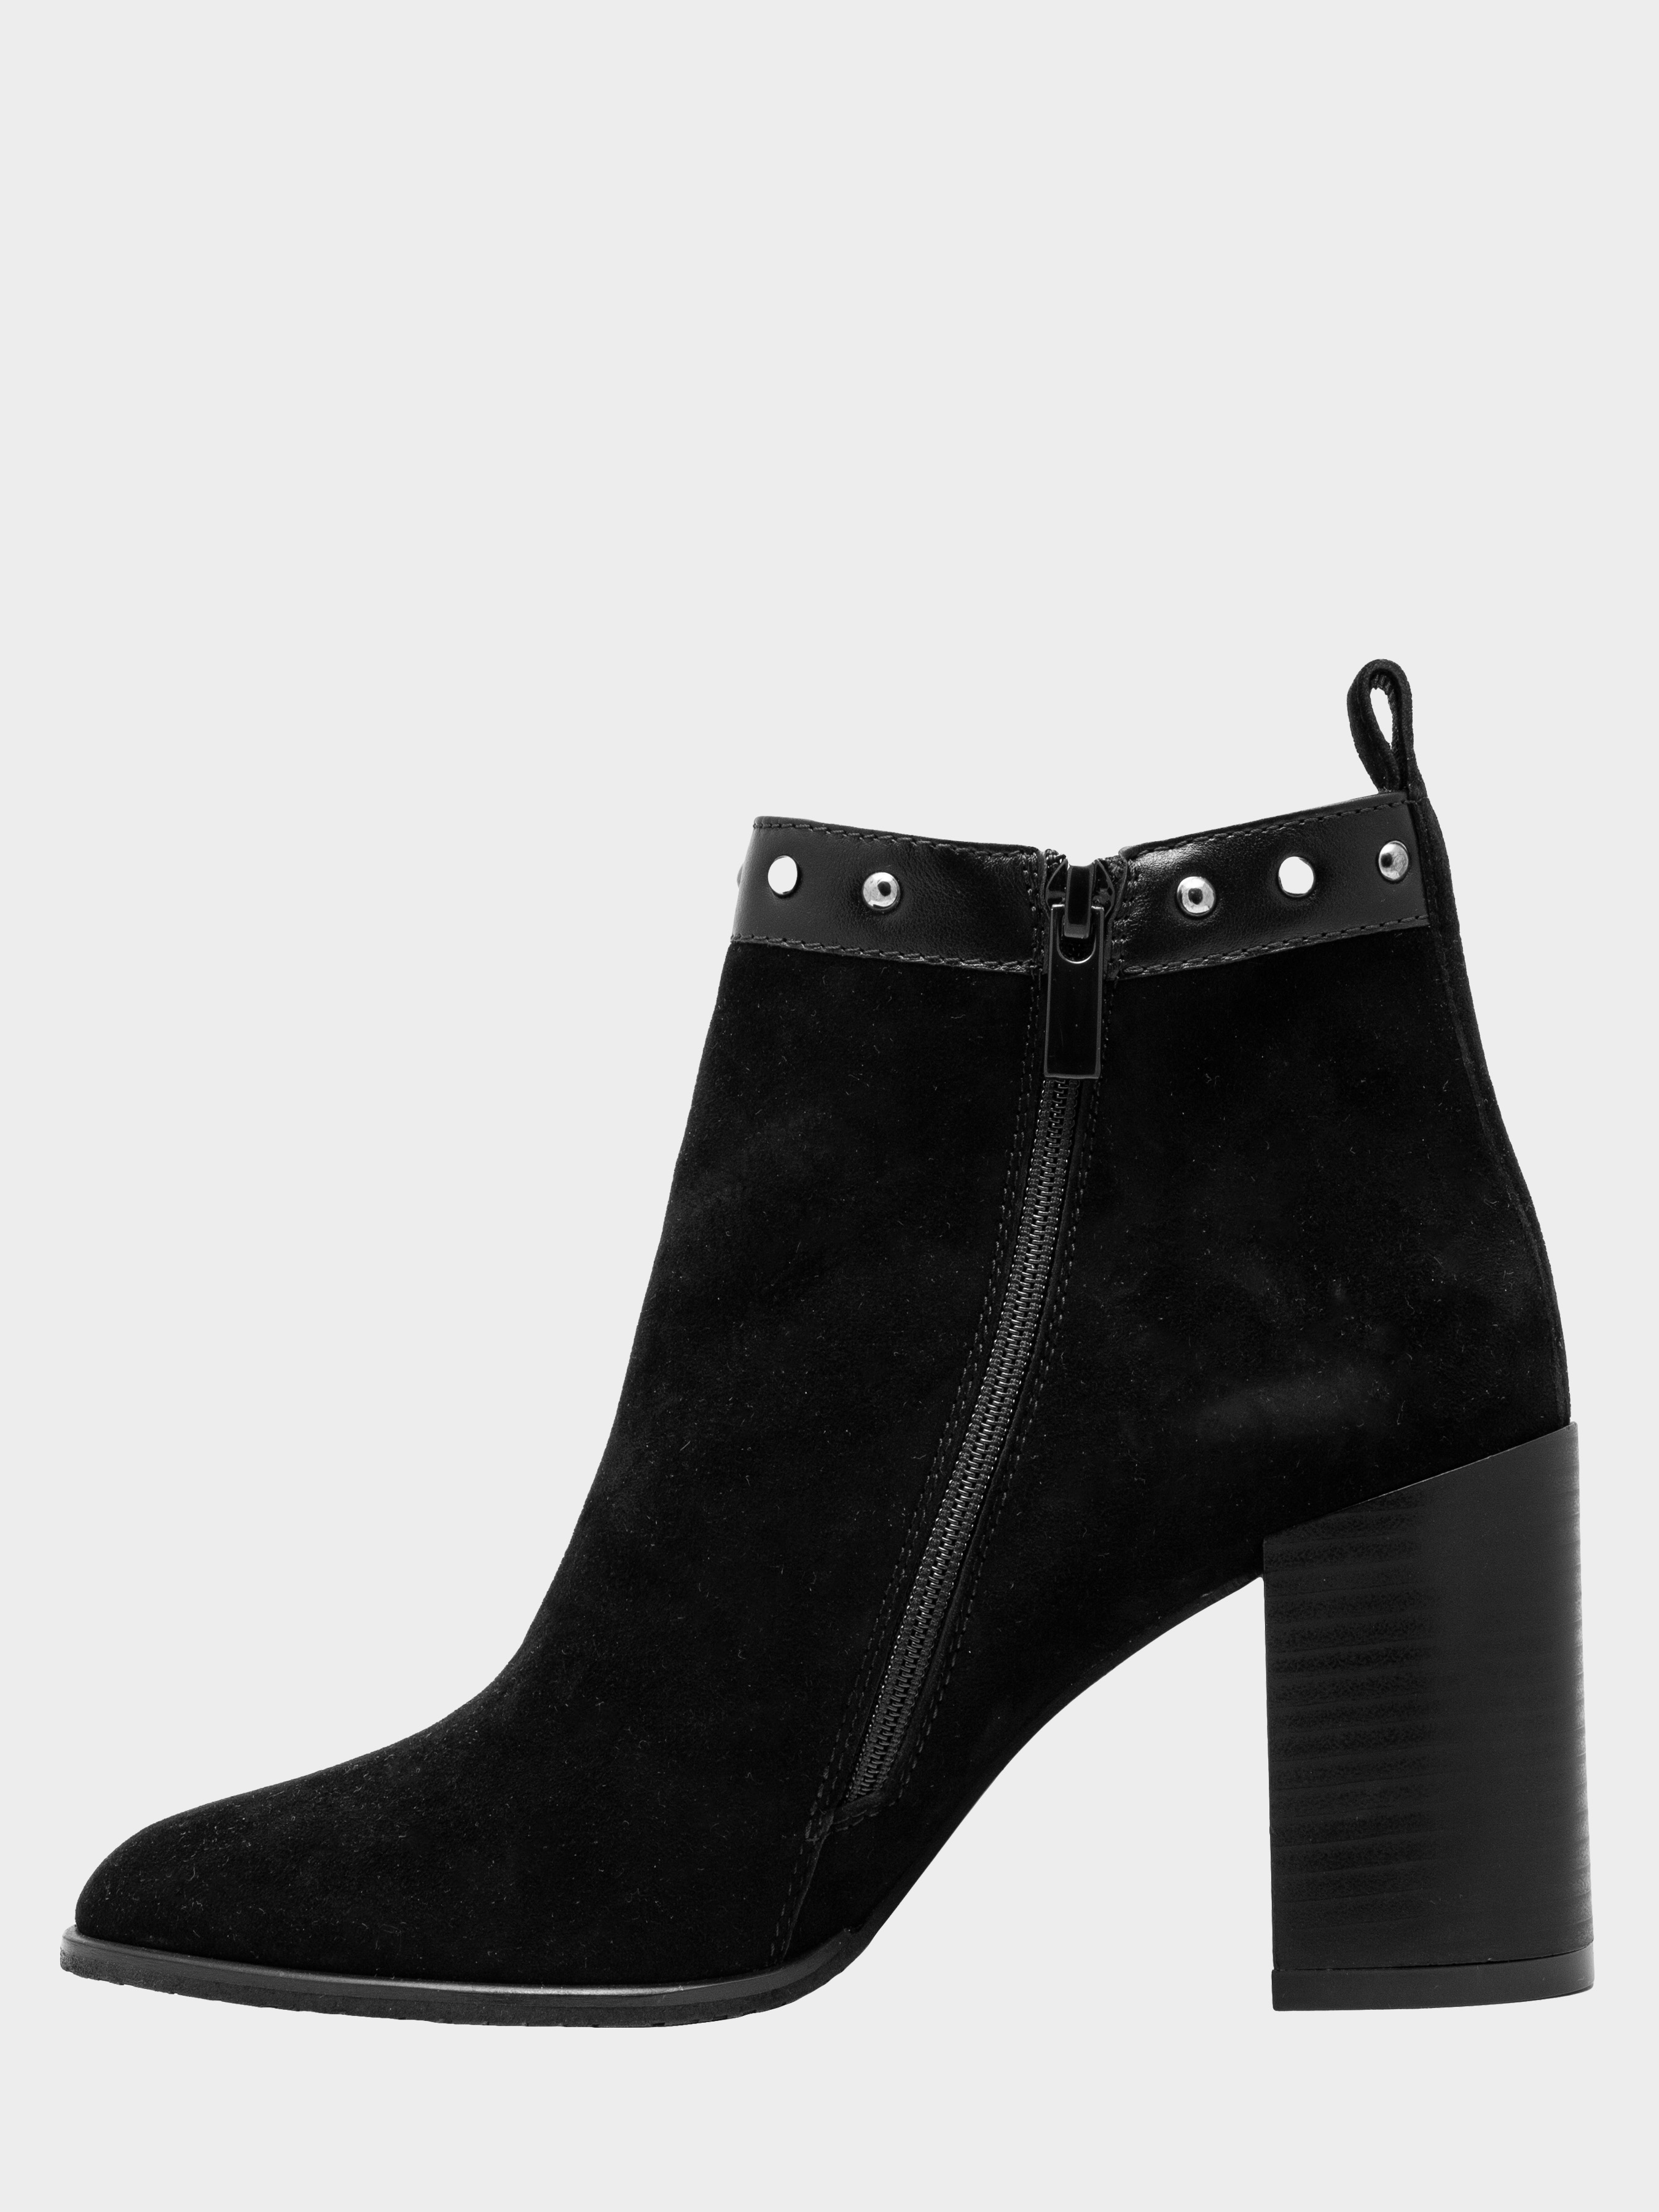 Ботинки для женщин Ботинки женские ENZO VERRATTI 18-9588-2w цена, 2017